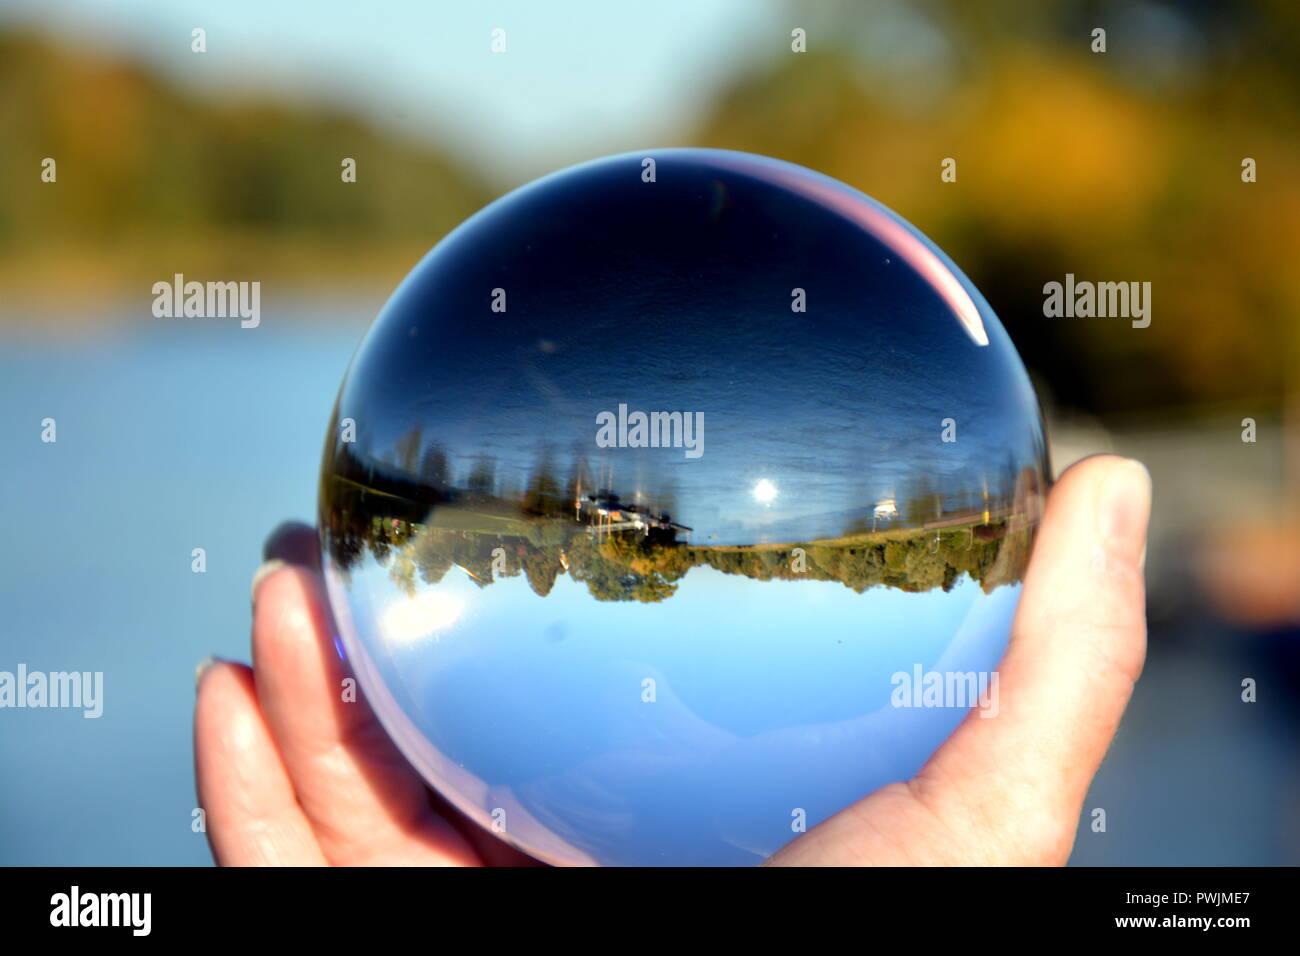 Fotokugel Glaskugel Bilder Landschaften Stockbild